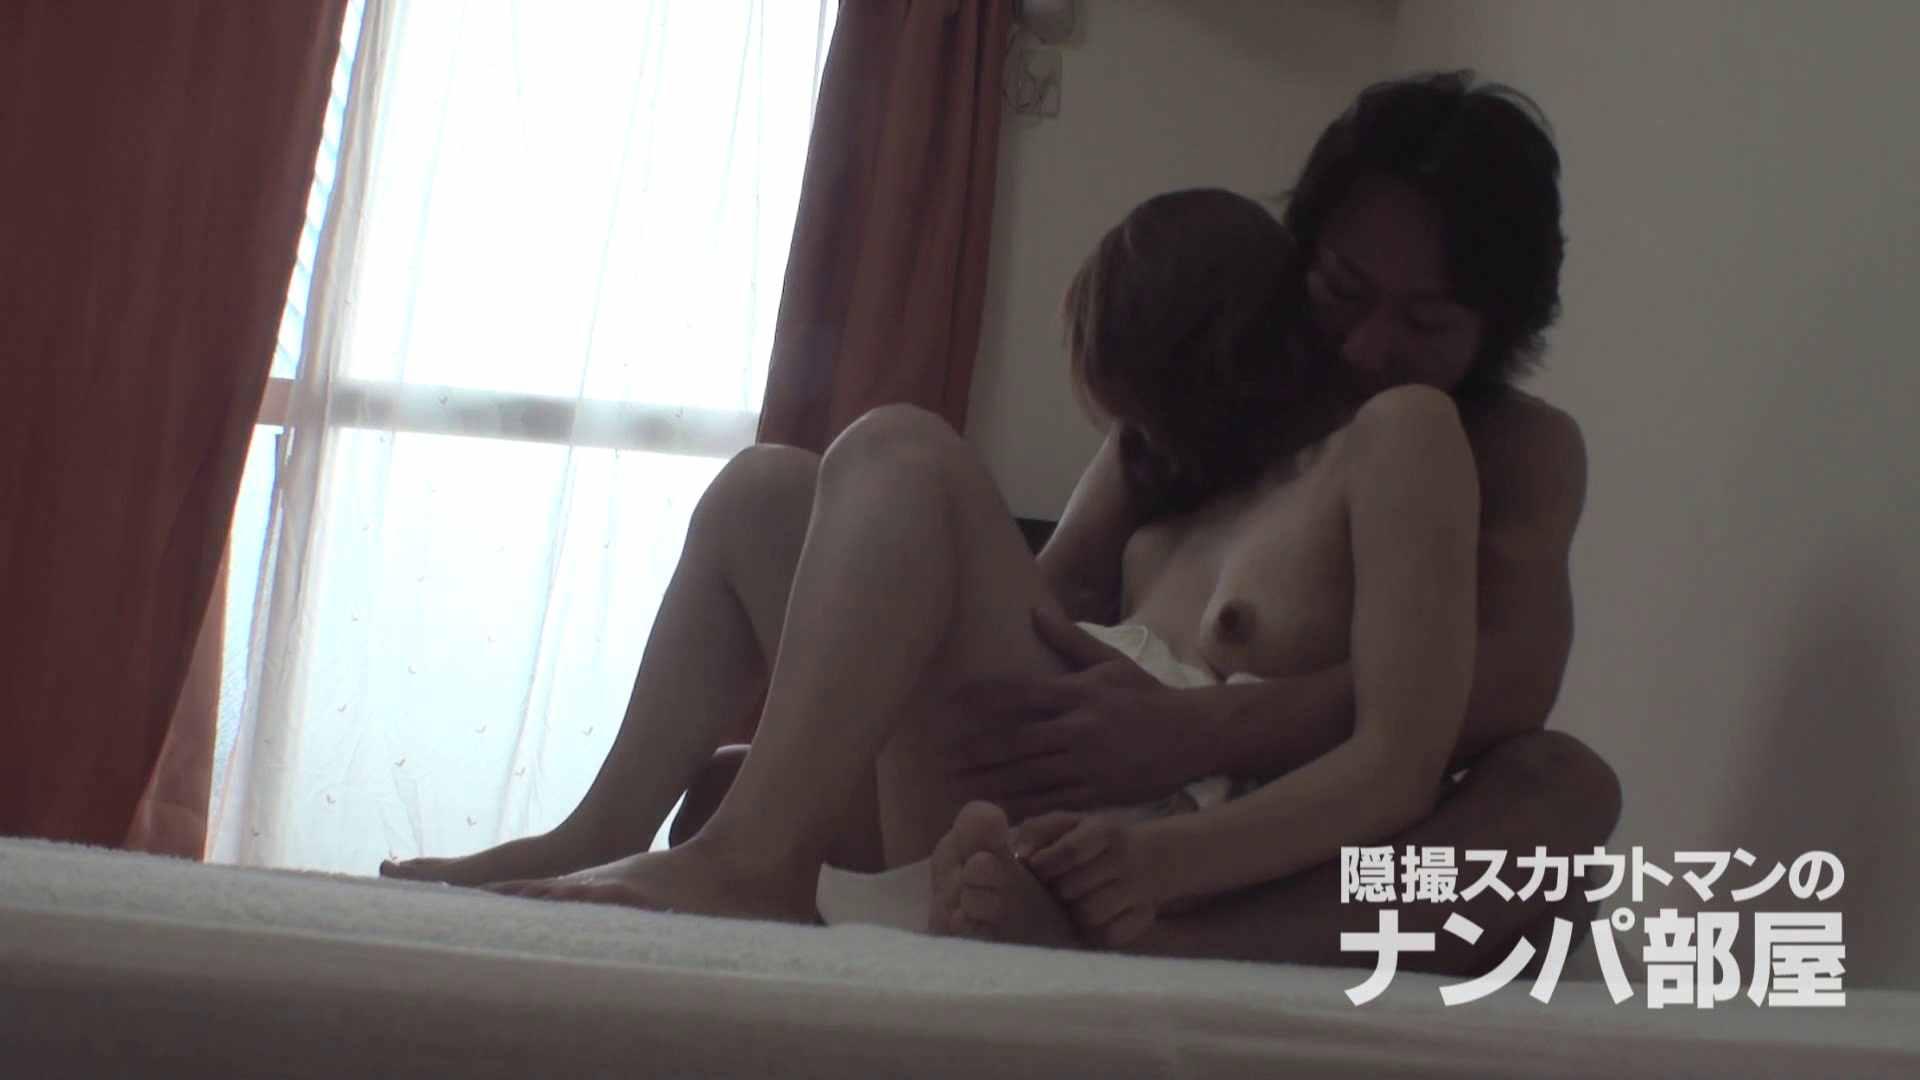 隠撮スカウトマンのナンパ部屋~風俗デビュー前のつまみ食い~ sii 隠撮 | 脱衣所  94pic 70